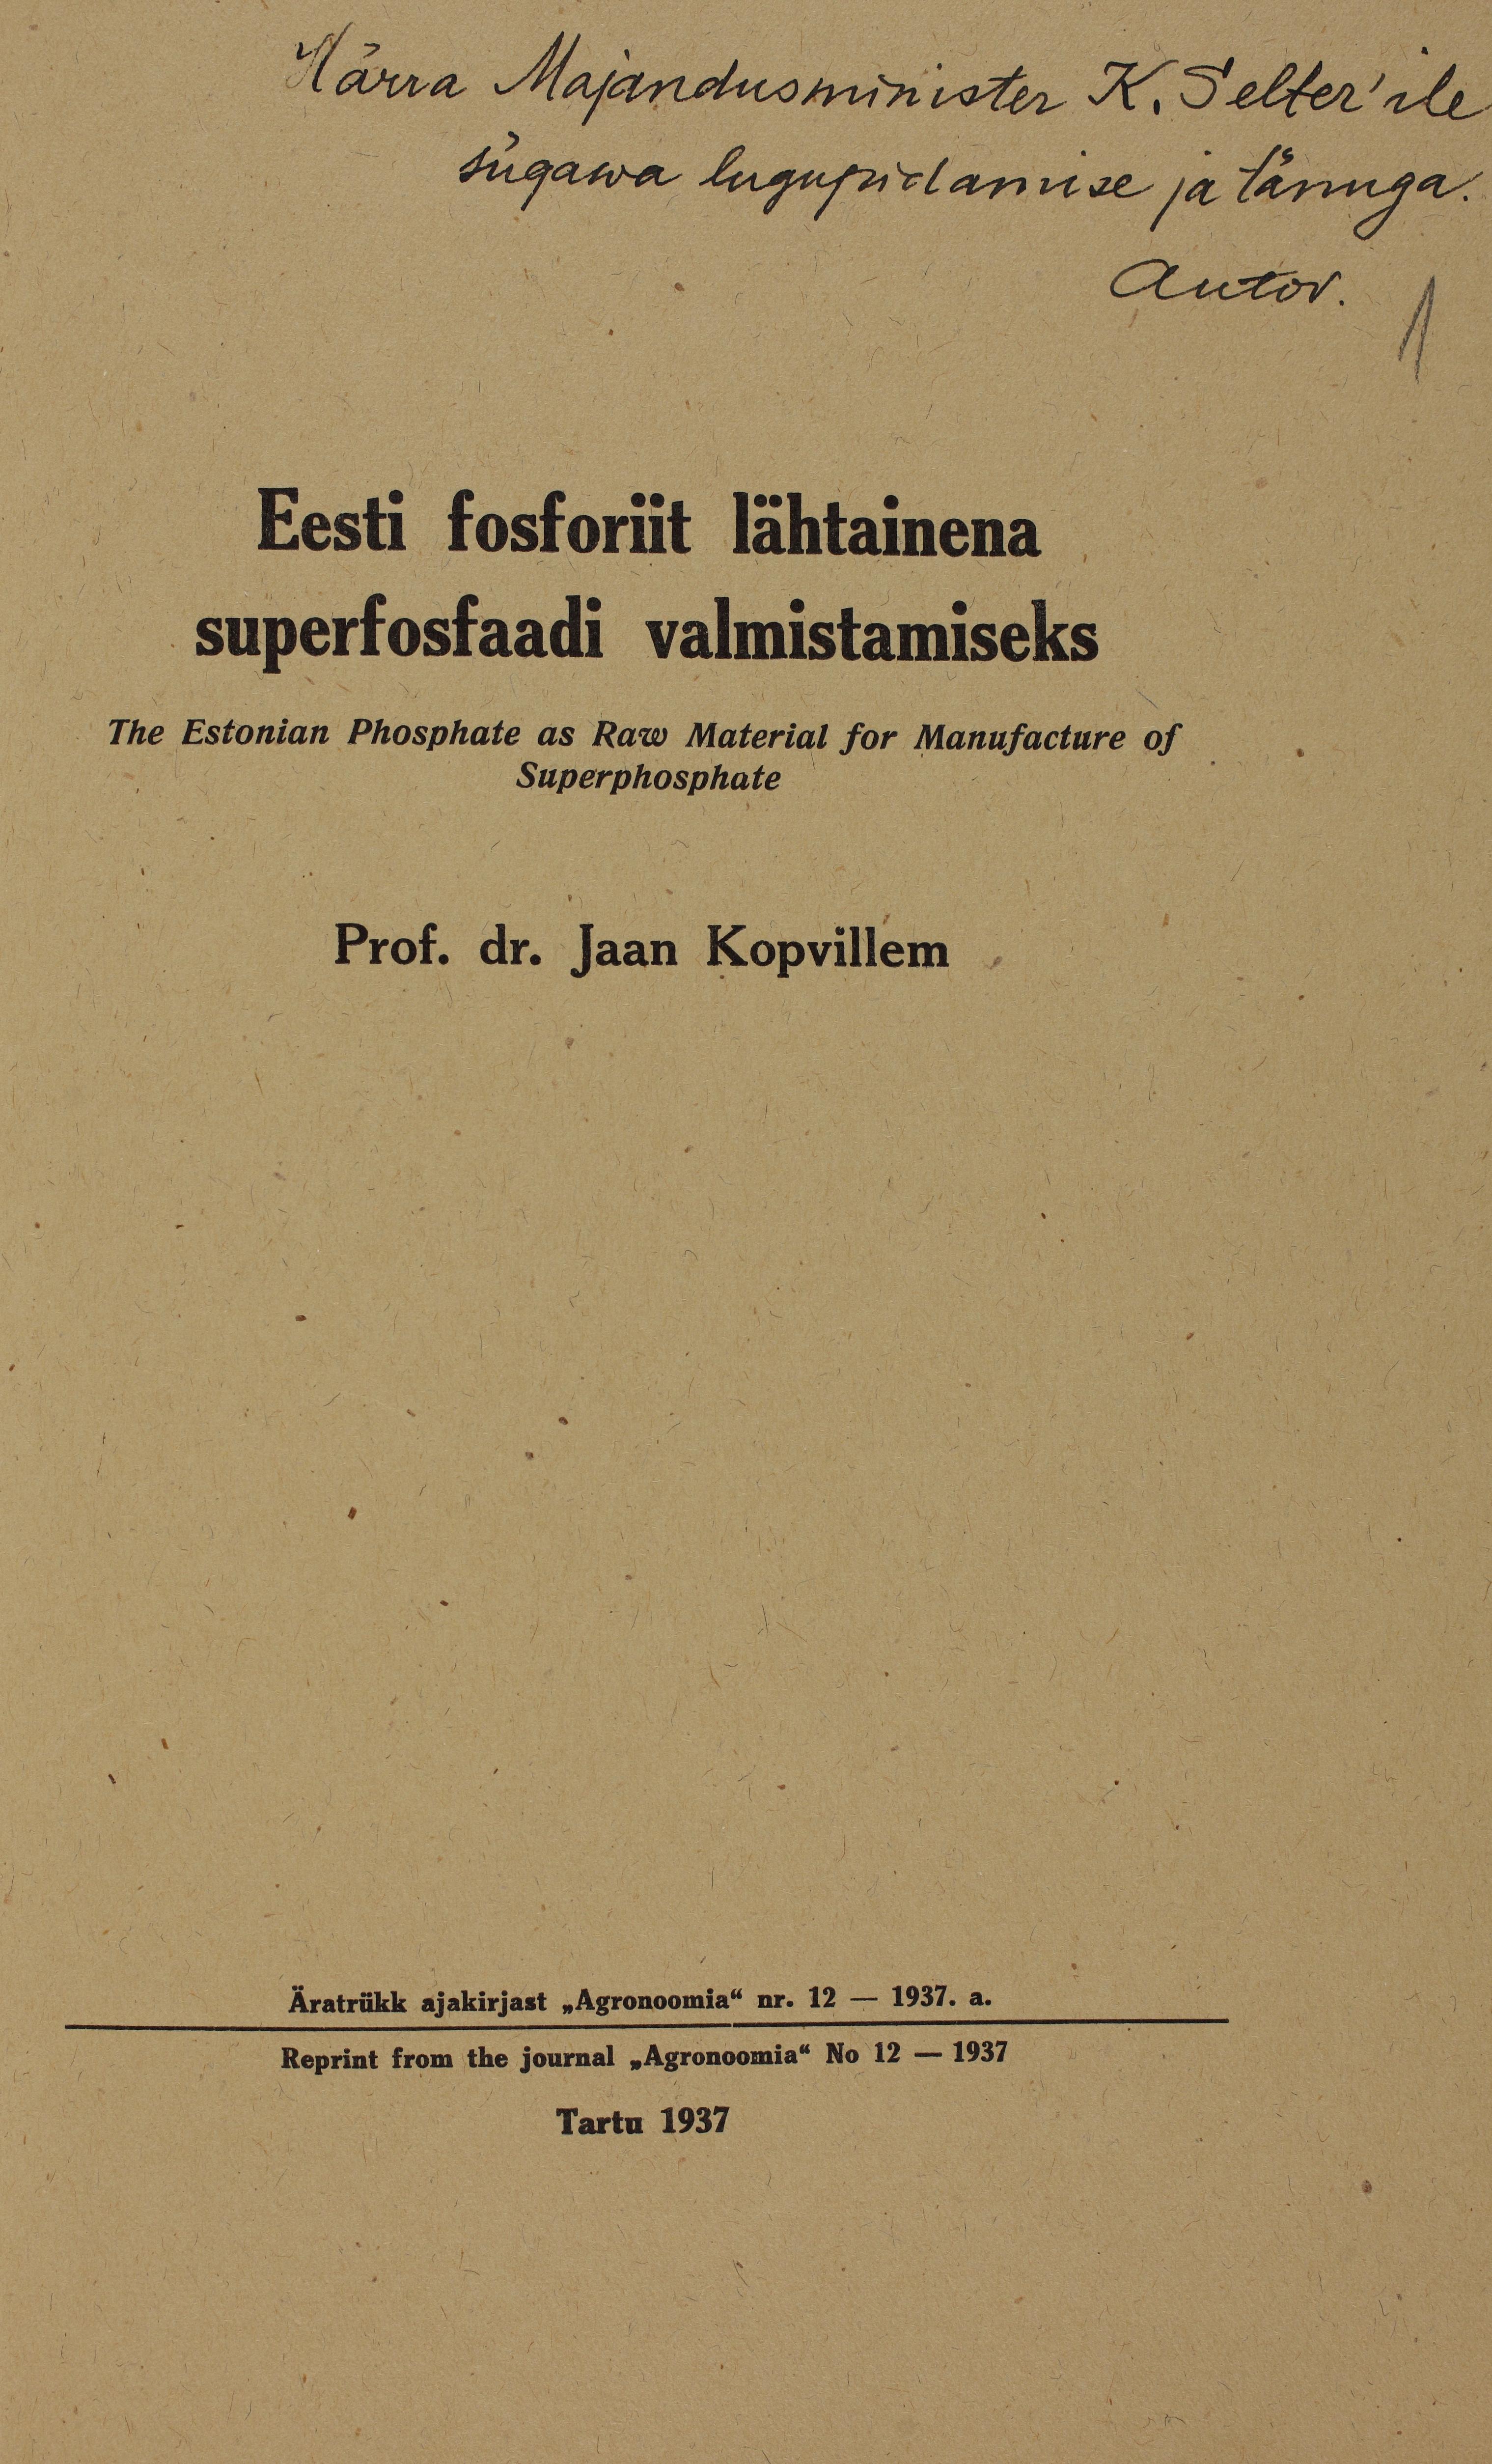 Prof. dr. Kopvillemi artikli ärakirja esikaas pühendusega majandusminister Karl Selterile. ERA.4940.1.7